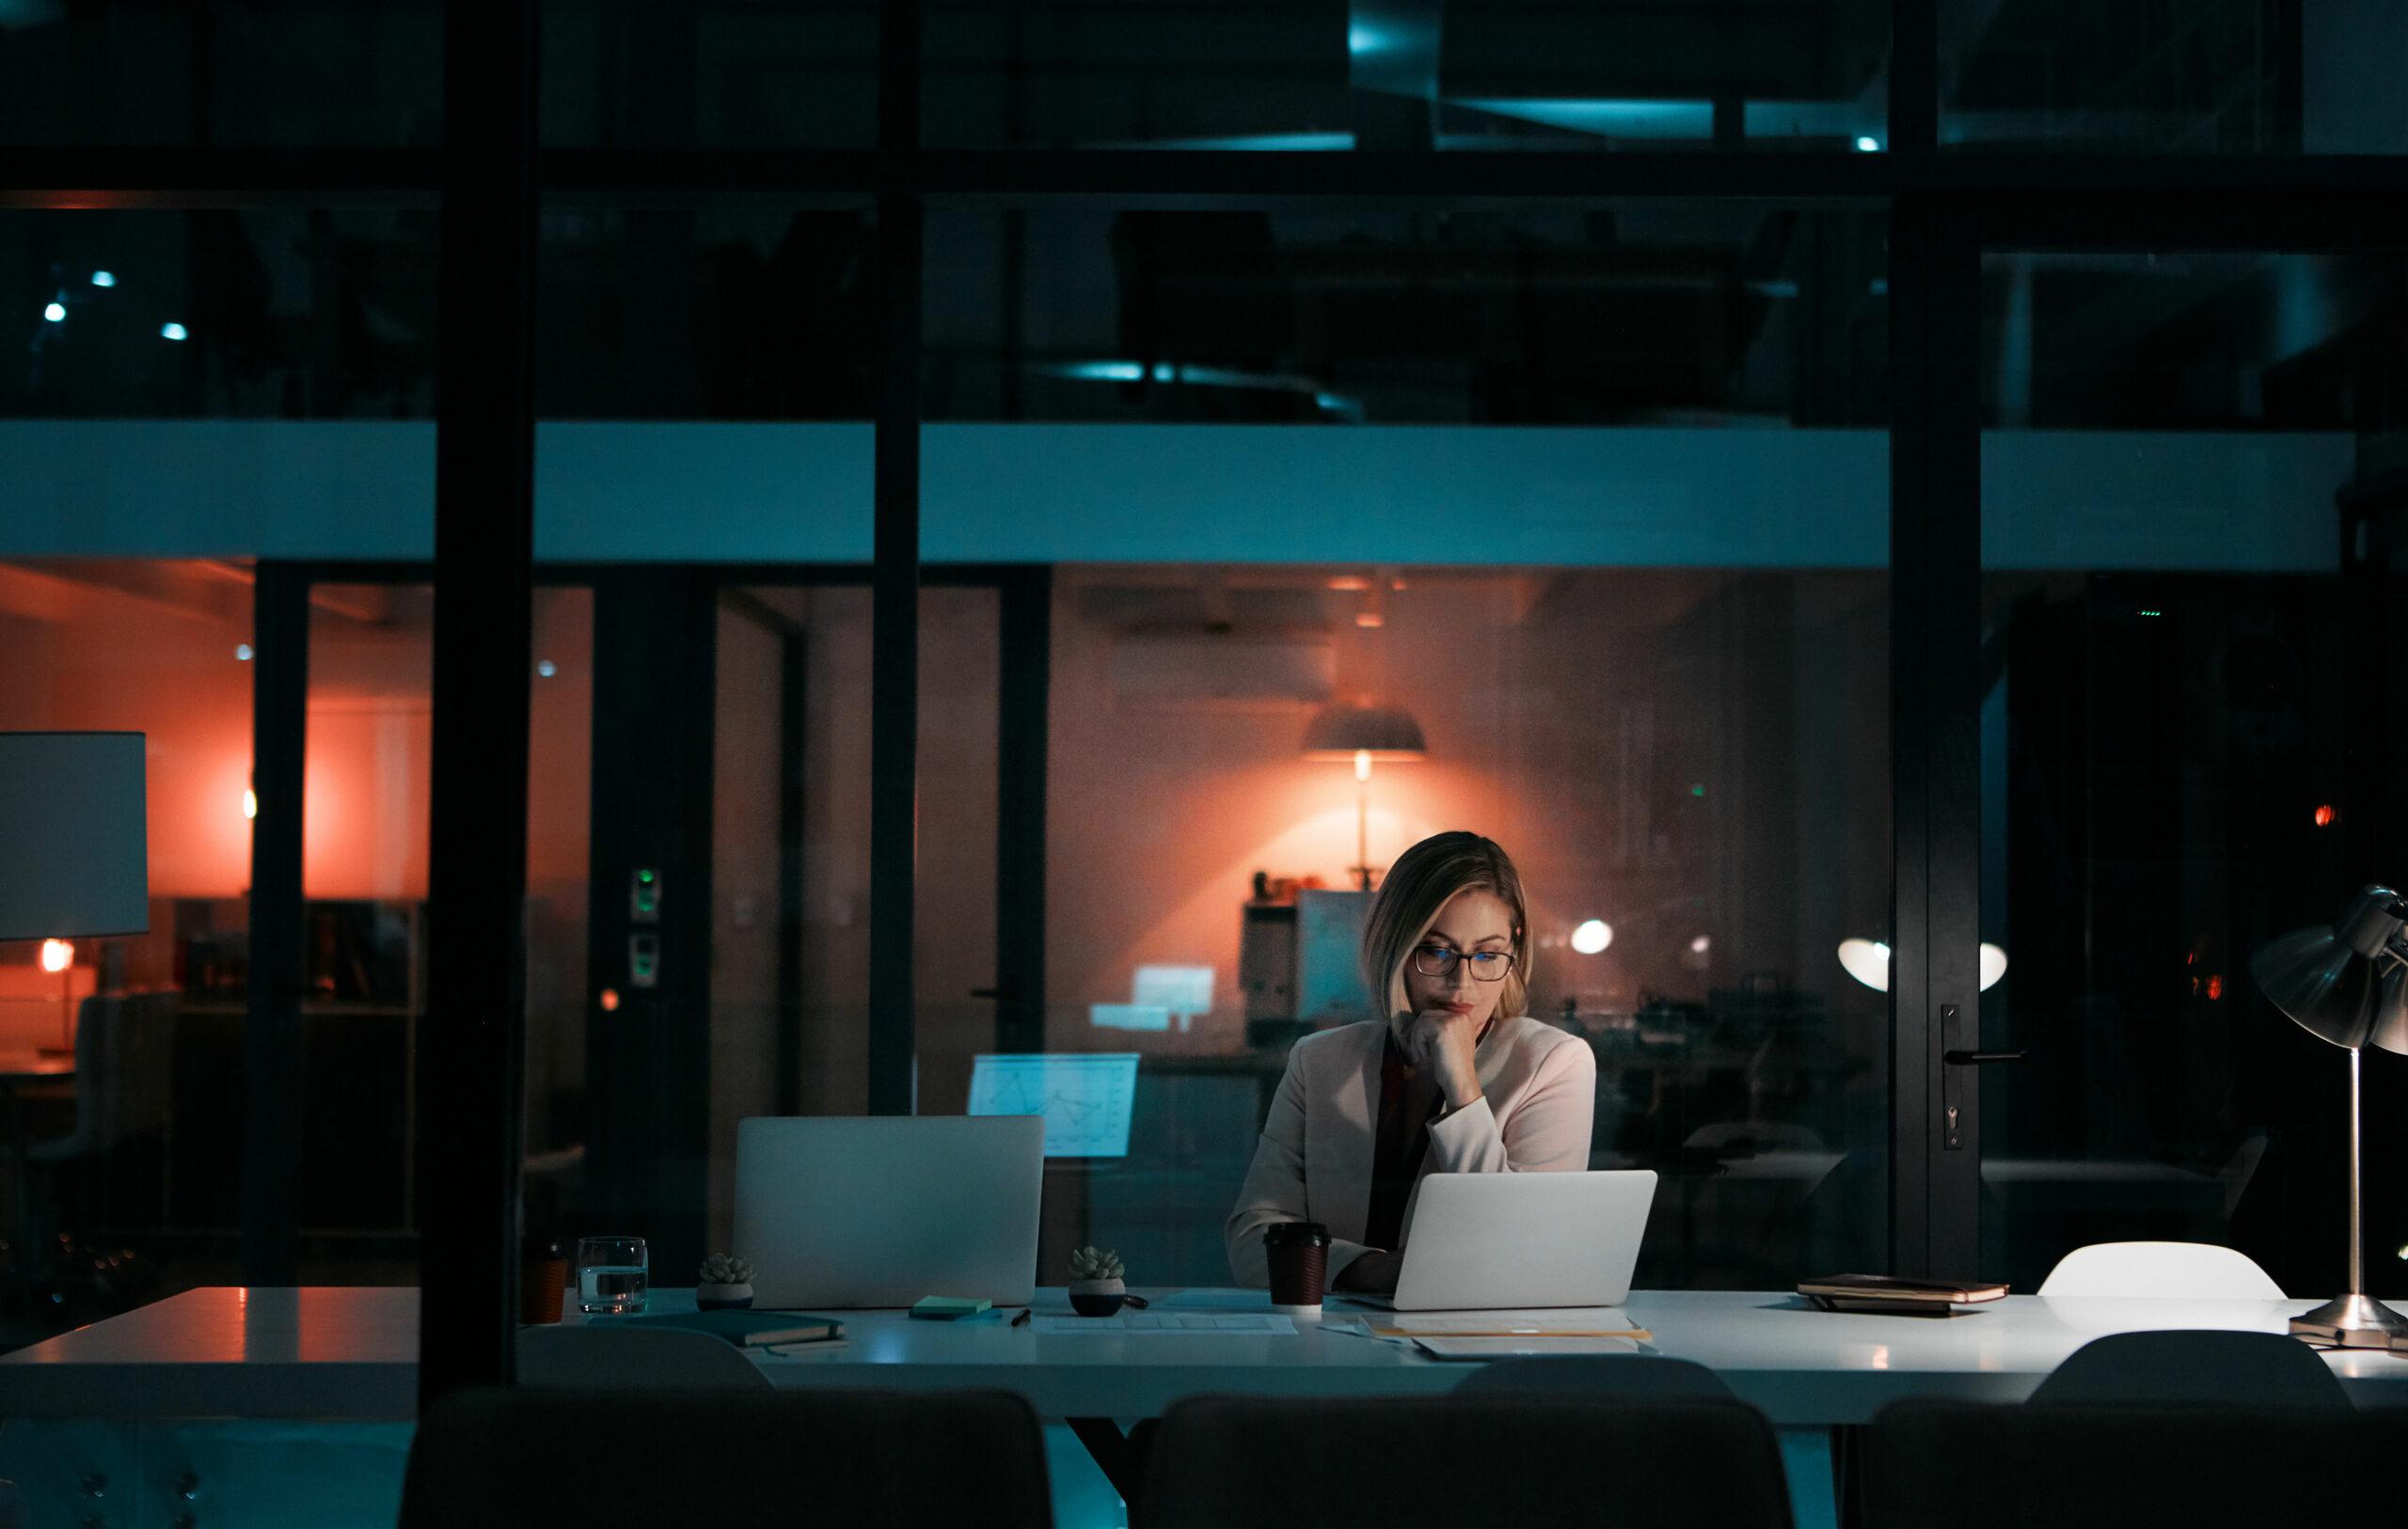 Nainen työskentelee yksin muuten pimeällä toimistolla.